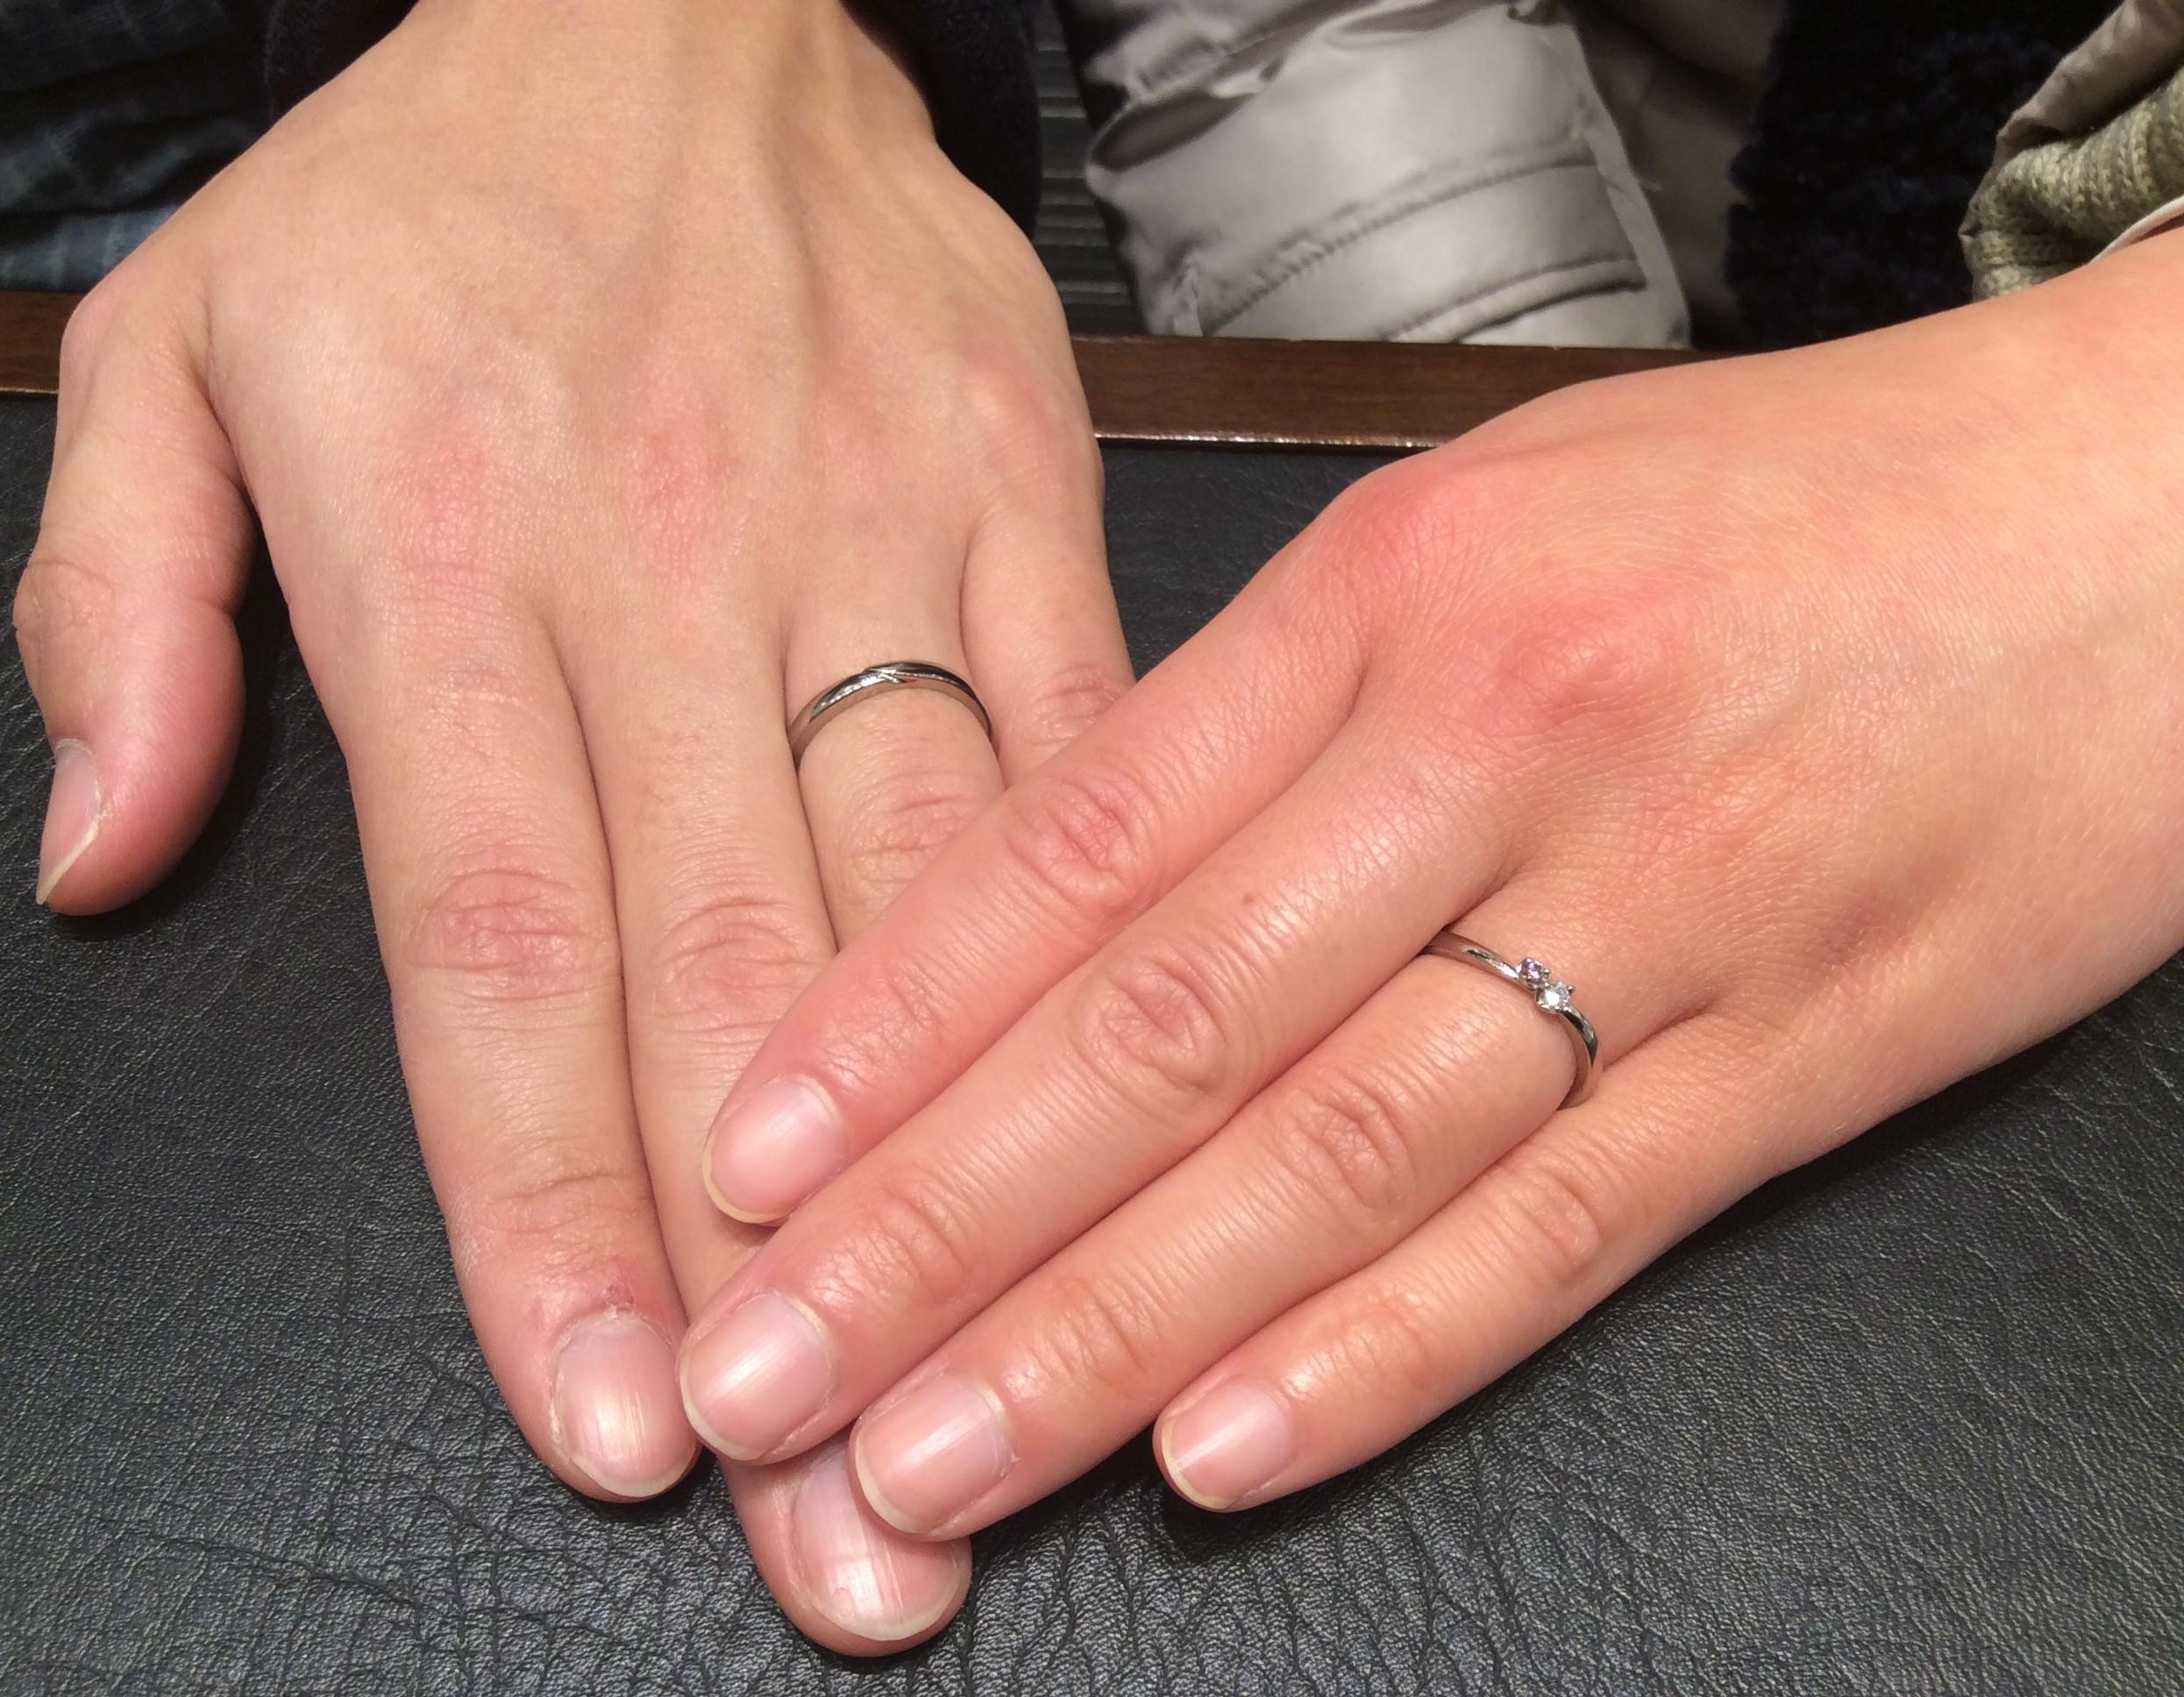 結婚指輪 LUCIE(ルシエ)の『オーロラ』をプラチナゴールドでお作りしました! 💐(新潟市/土屋様ご夫婦)